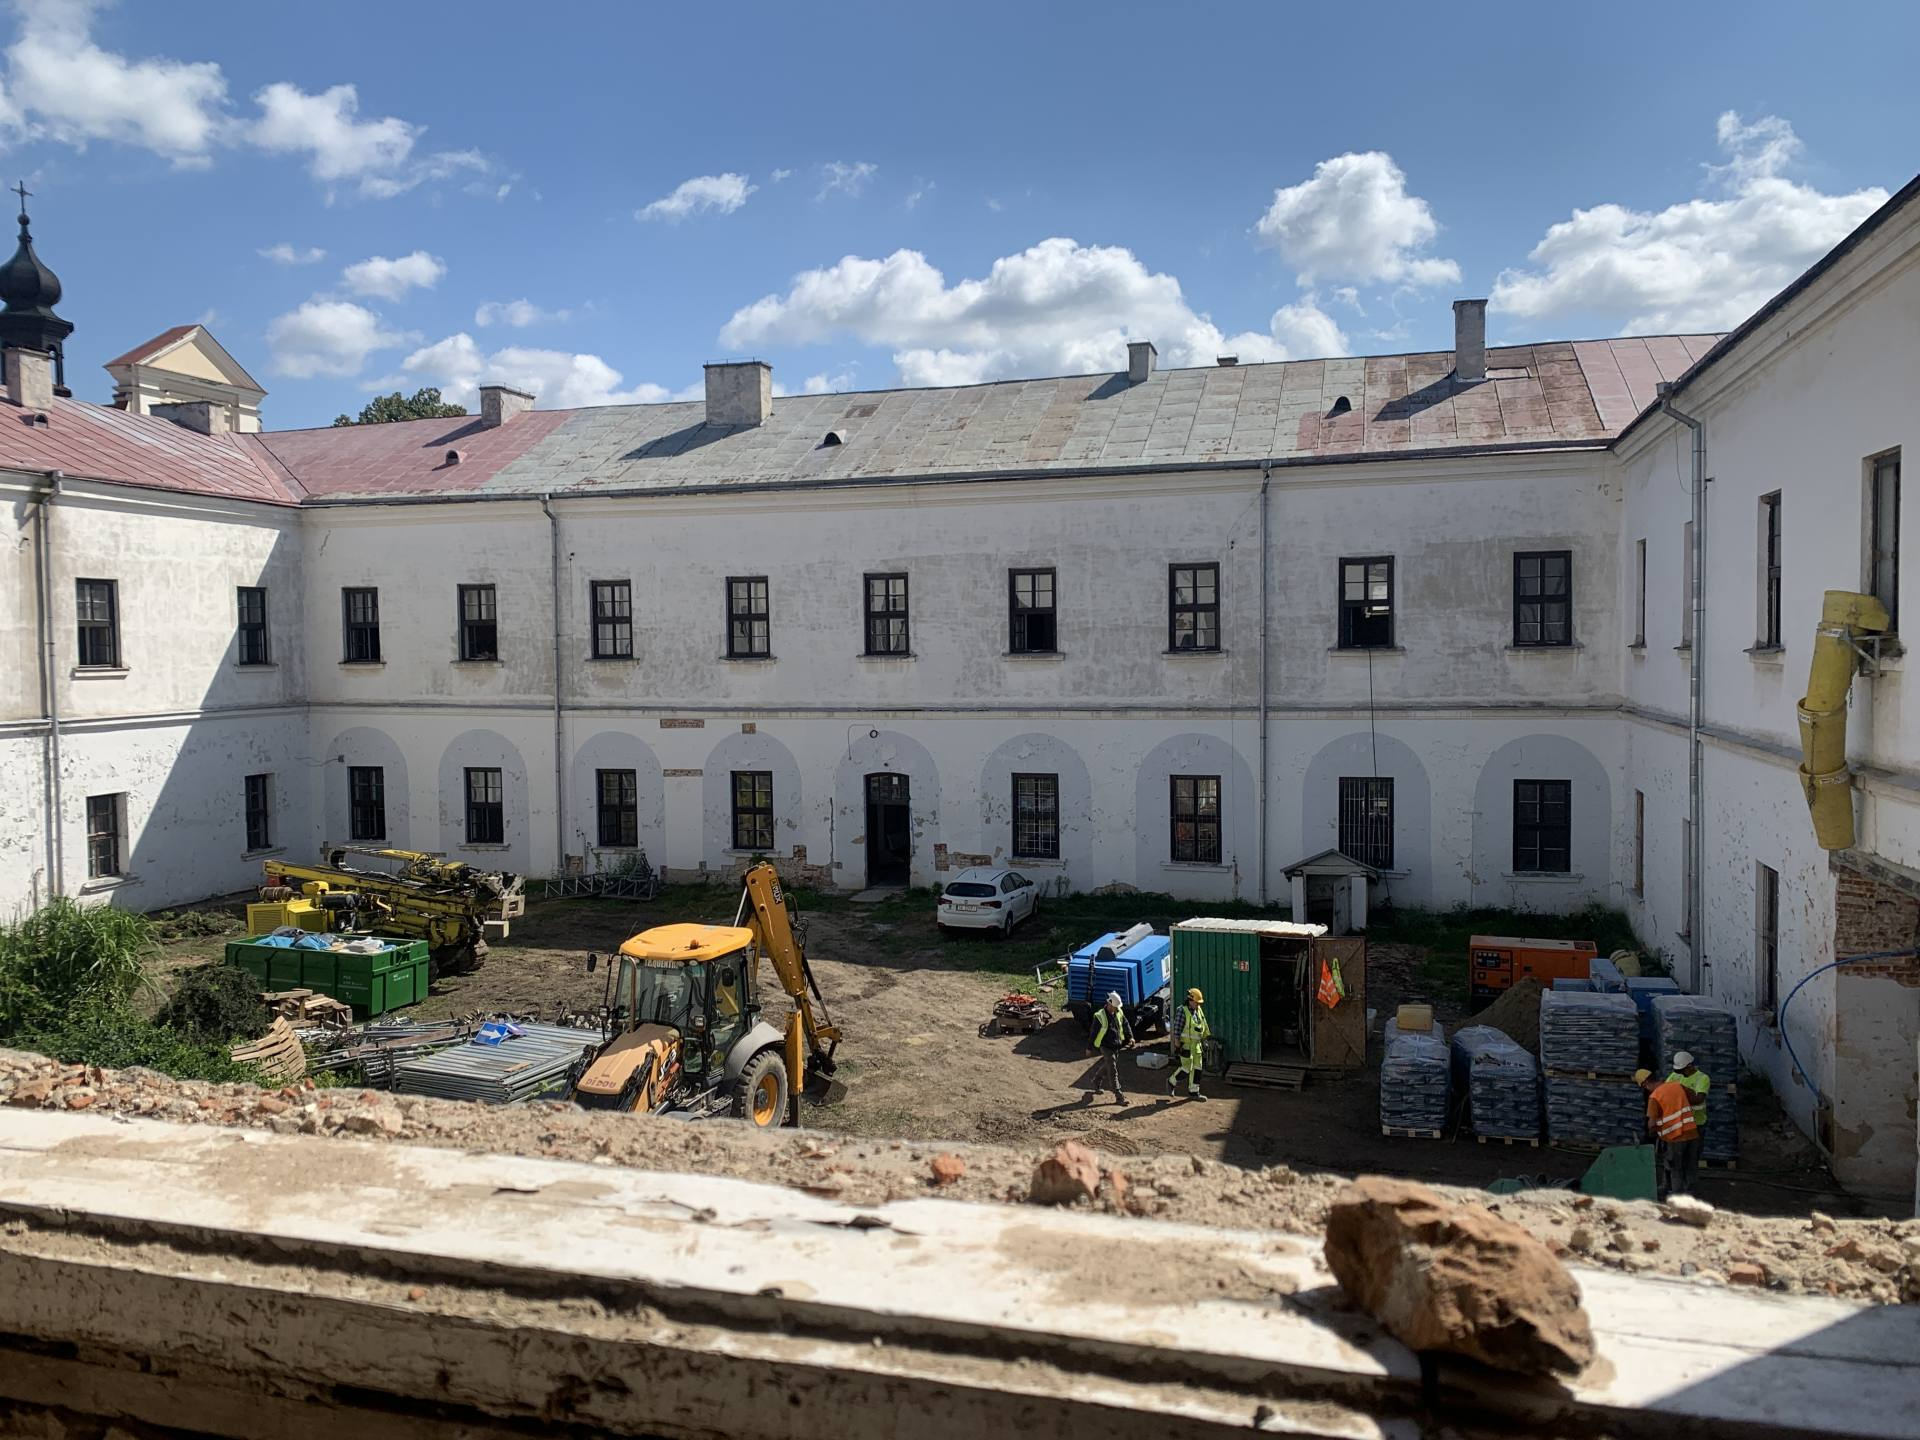 img 1816 ZAMOŚĆ: Wznowiono roboty budowlane i prace konserwatorskie w obiekcie Akademii Zamojskiej [ZDJĘCIA]